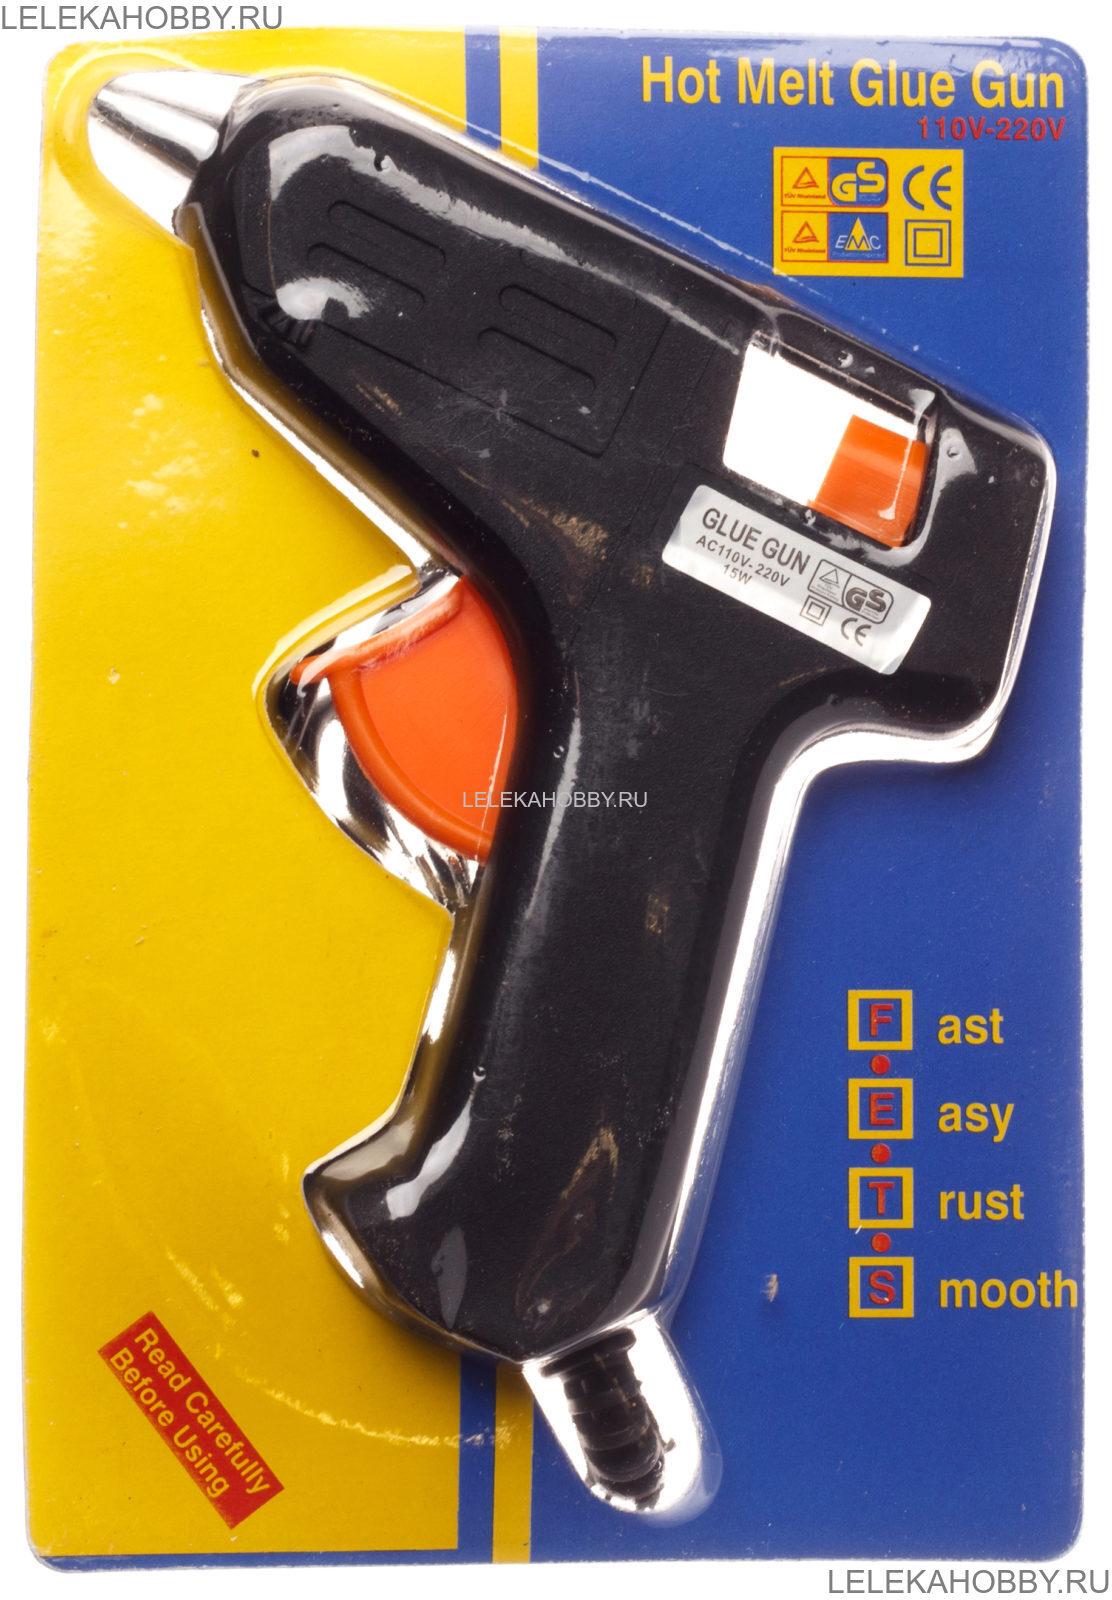 Термоклеевой пистолет инструкция работа на ткани